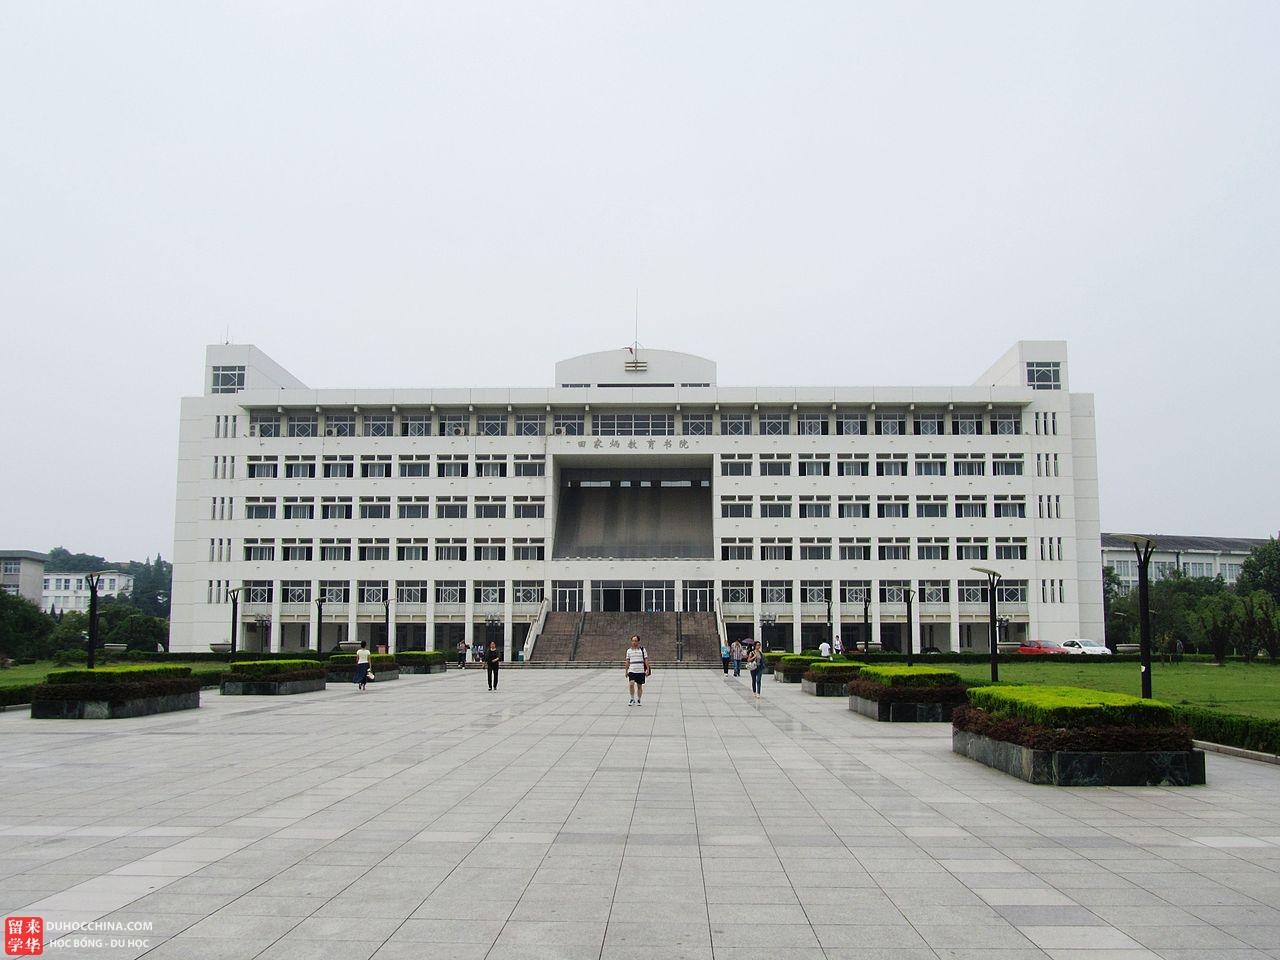 Đại học Sư phạm An Huy - Trung Quốc